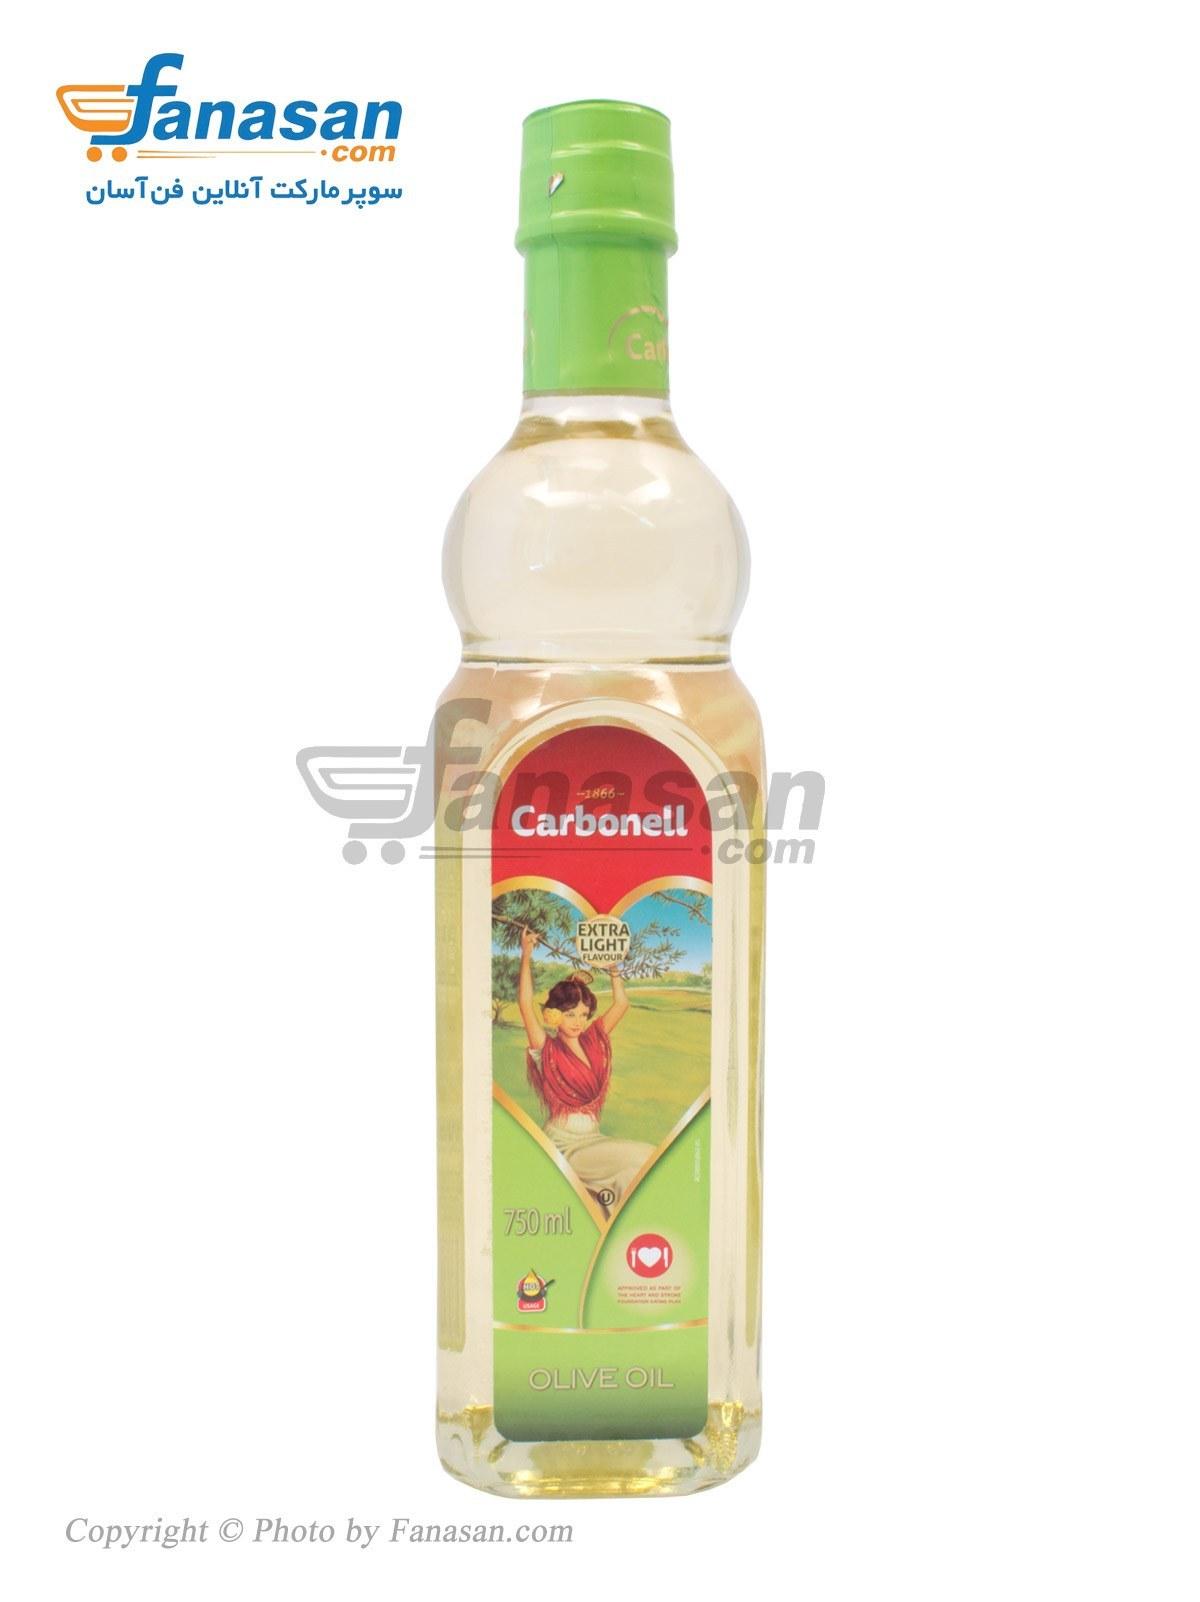 لیست قیمت روغن زیتون با بو ممتاز فرابکر Carbonell 750 میلی لیتری | ترب